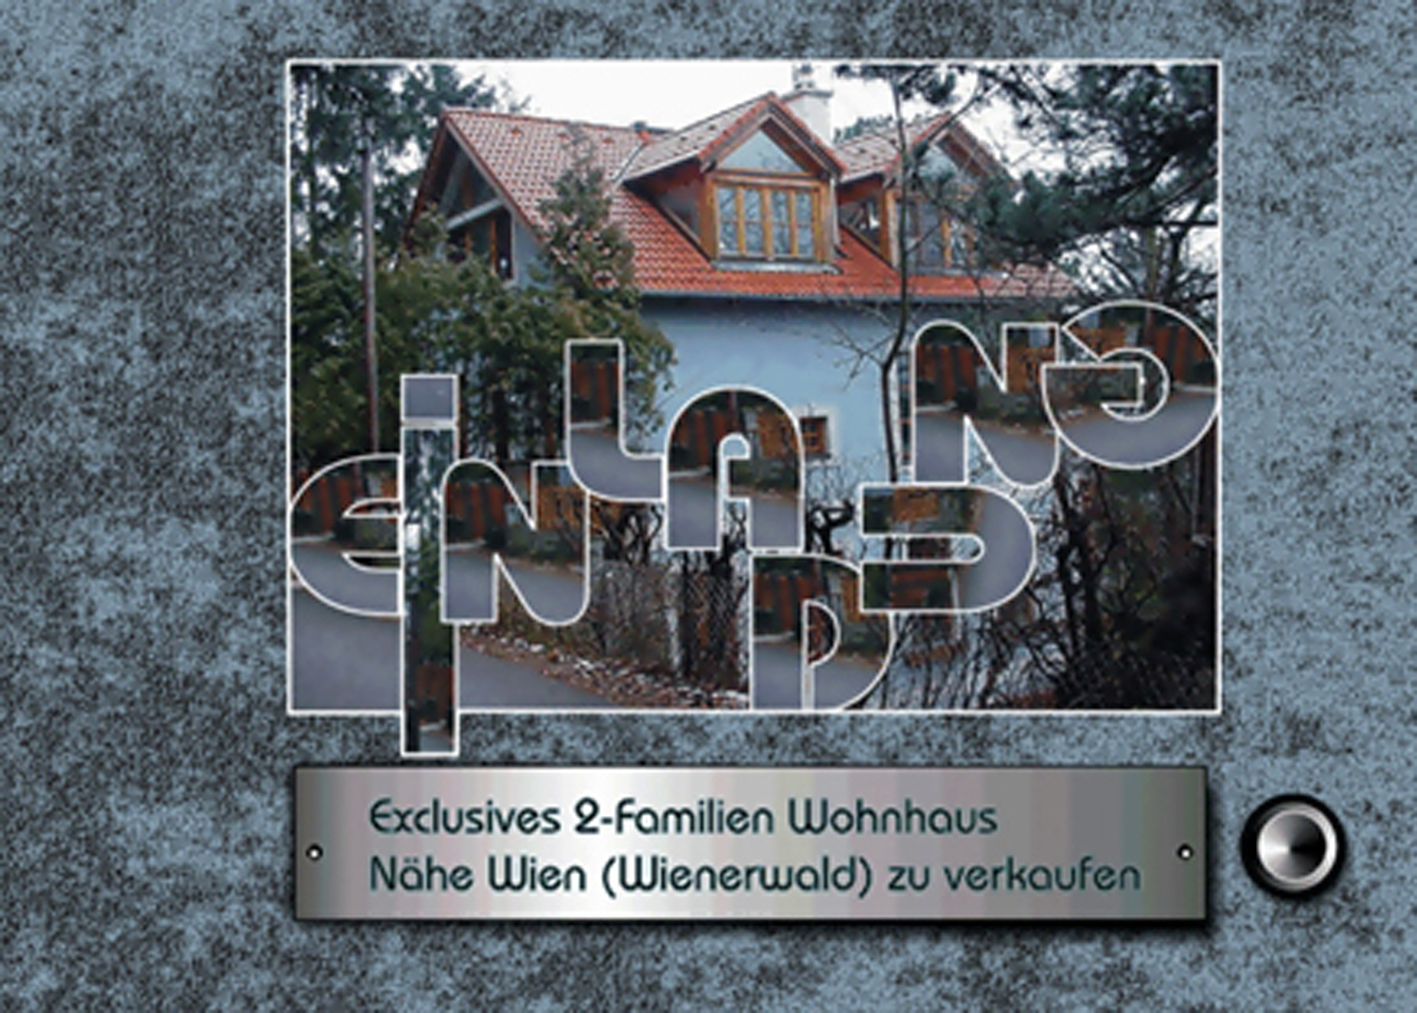 Infobrochüre für Immobilienmakler für hochpreisige Immobilie